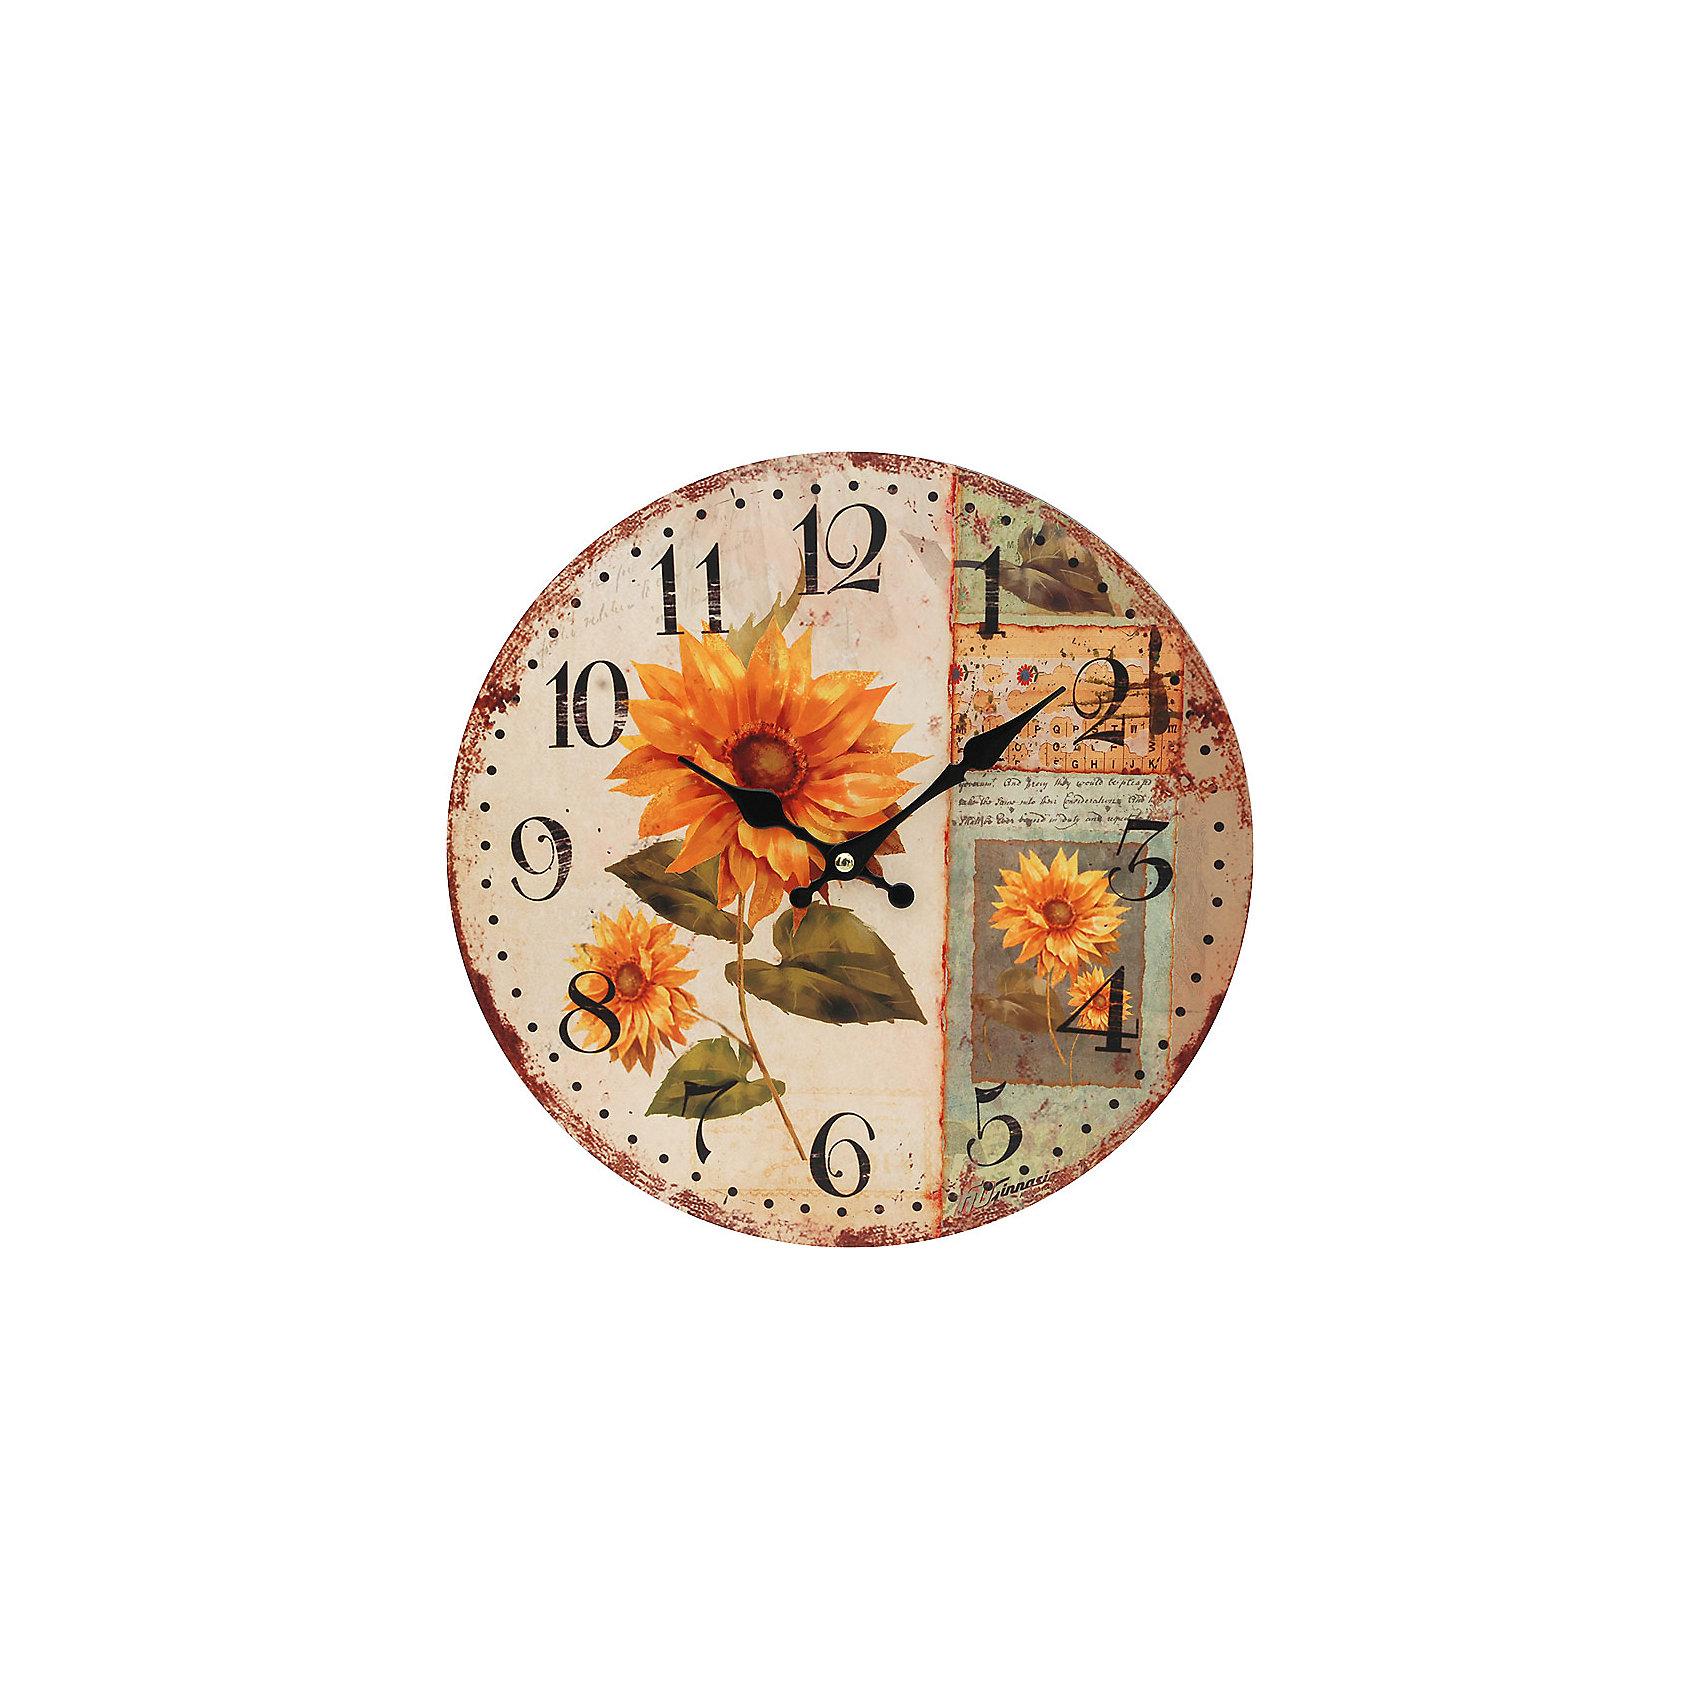 Часы настенные Подсолнух, диаметр 34 смПредметы интерьера<br>Часы настенные Подсолнух, диаметр 34 см.<br><br>Характеристики:<br><br>- Диаметр: 34 см.<br>- Две стрелки часовая и минутная<br>- Батарейка: 1 типа АА (в комплект не входит)<br>- Цвет: бледно-розовый, темно-коричневый, хаки<br>- Упаковка картонная коробка<br><br>Кварцевые настенные часы с механизмом плавного хода помимо своего прямого назначения – показывать точное время – станут важным элементом декора Вашего дома, квартиры или офиса. Открытый циферблат часов выполнен из листа оргалита с декоративным покрытием, оформлен изображением подсолнухов. Часовая и минутная стрелки металлические. Часовой механизм закрыт пластиковым корпусом. Часы будут ярким акцентом в интерьере и создадут дополнительный уют и хорошее настроение.<br><br>Часы настенные Подсолнух, диаметр 34 см можно купить в нашем интернет-магазине.<br><br>Ширина мм: 345<br>Глубина мм: 340<br>Высота мм: 45<br>Вес г: 2500<br>Возраст от месяцев: 72<br>Возраст до месяцев: 144<br>Пол: Унисекс<br>Возраст: Детский<br>SKU: 5089831